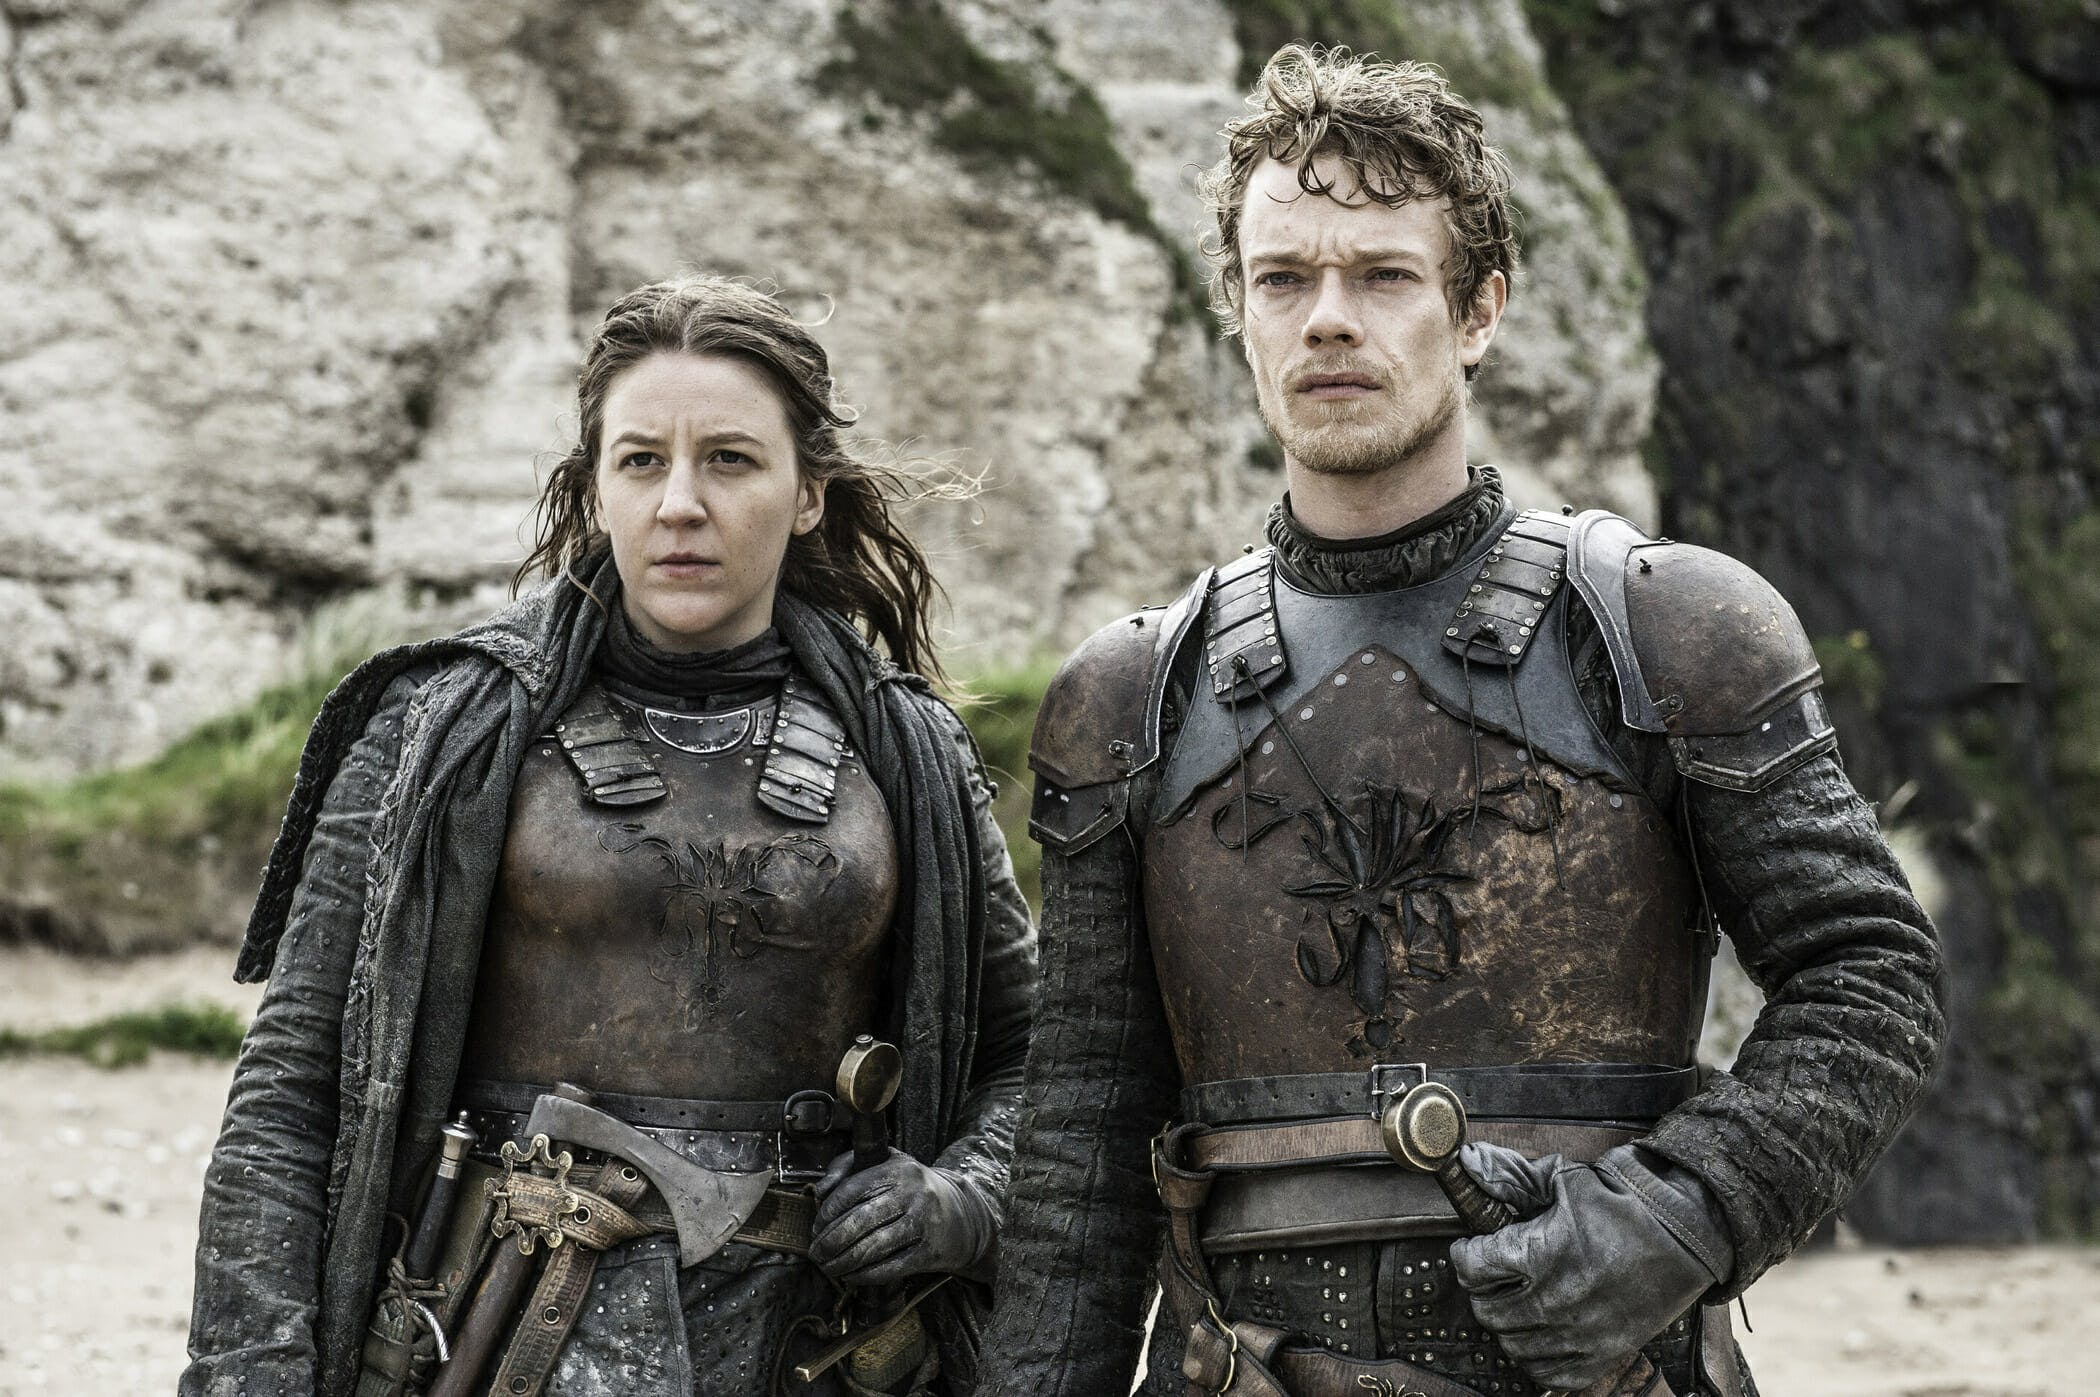 azor ahai Yara and Theon Greyjoy in 'Game of Thrones.'